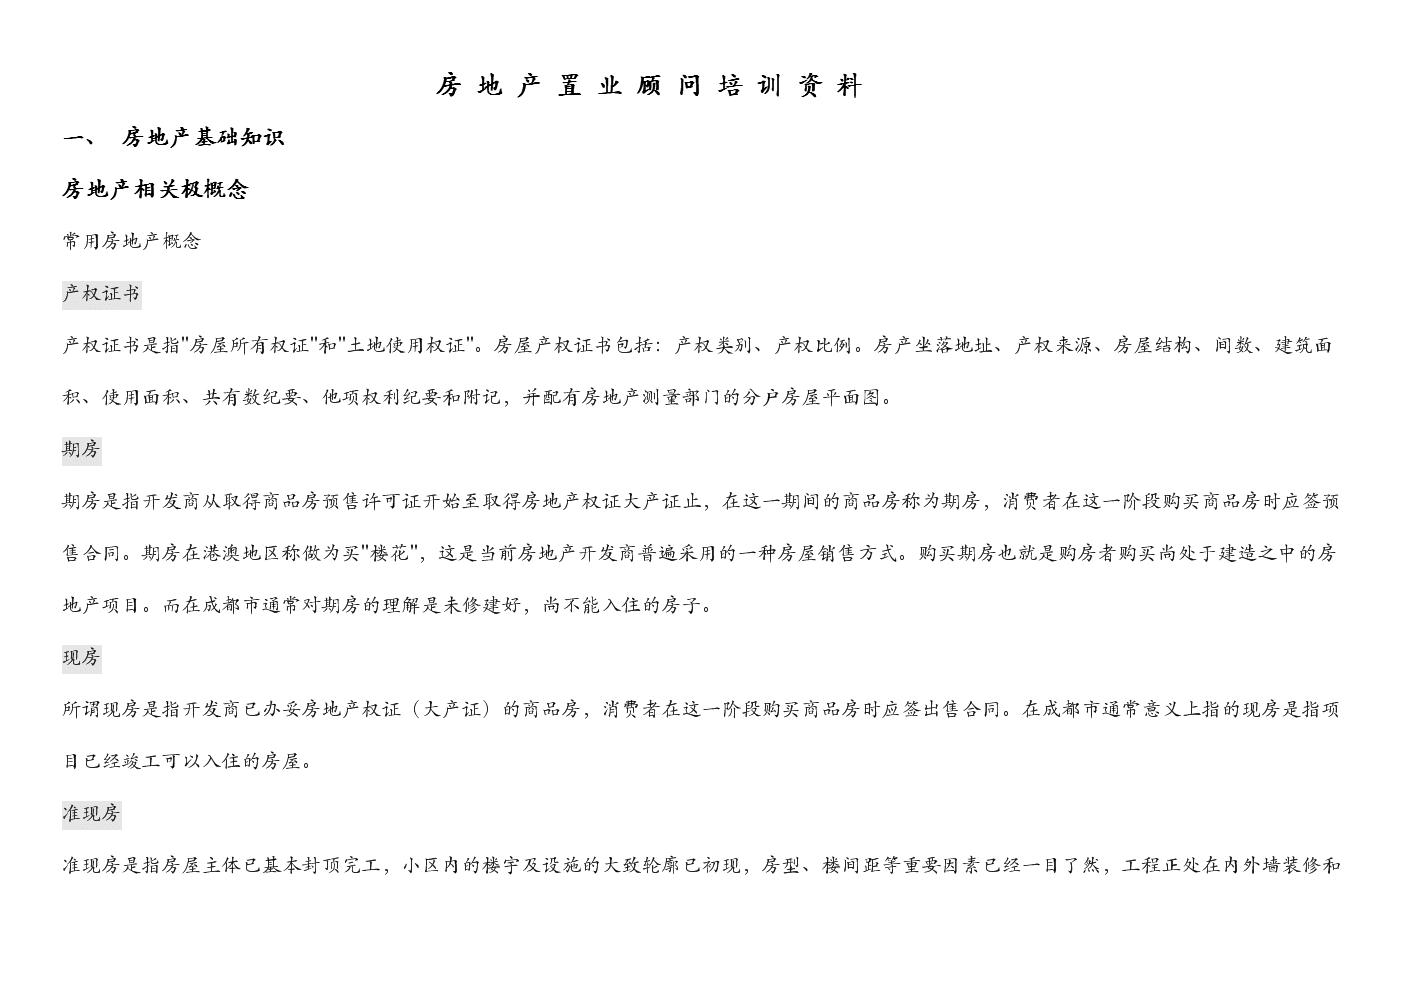 房地产置业顾问培训资料(全).doc